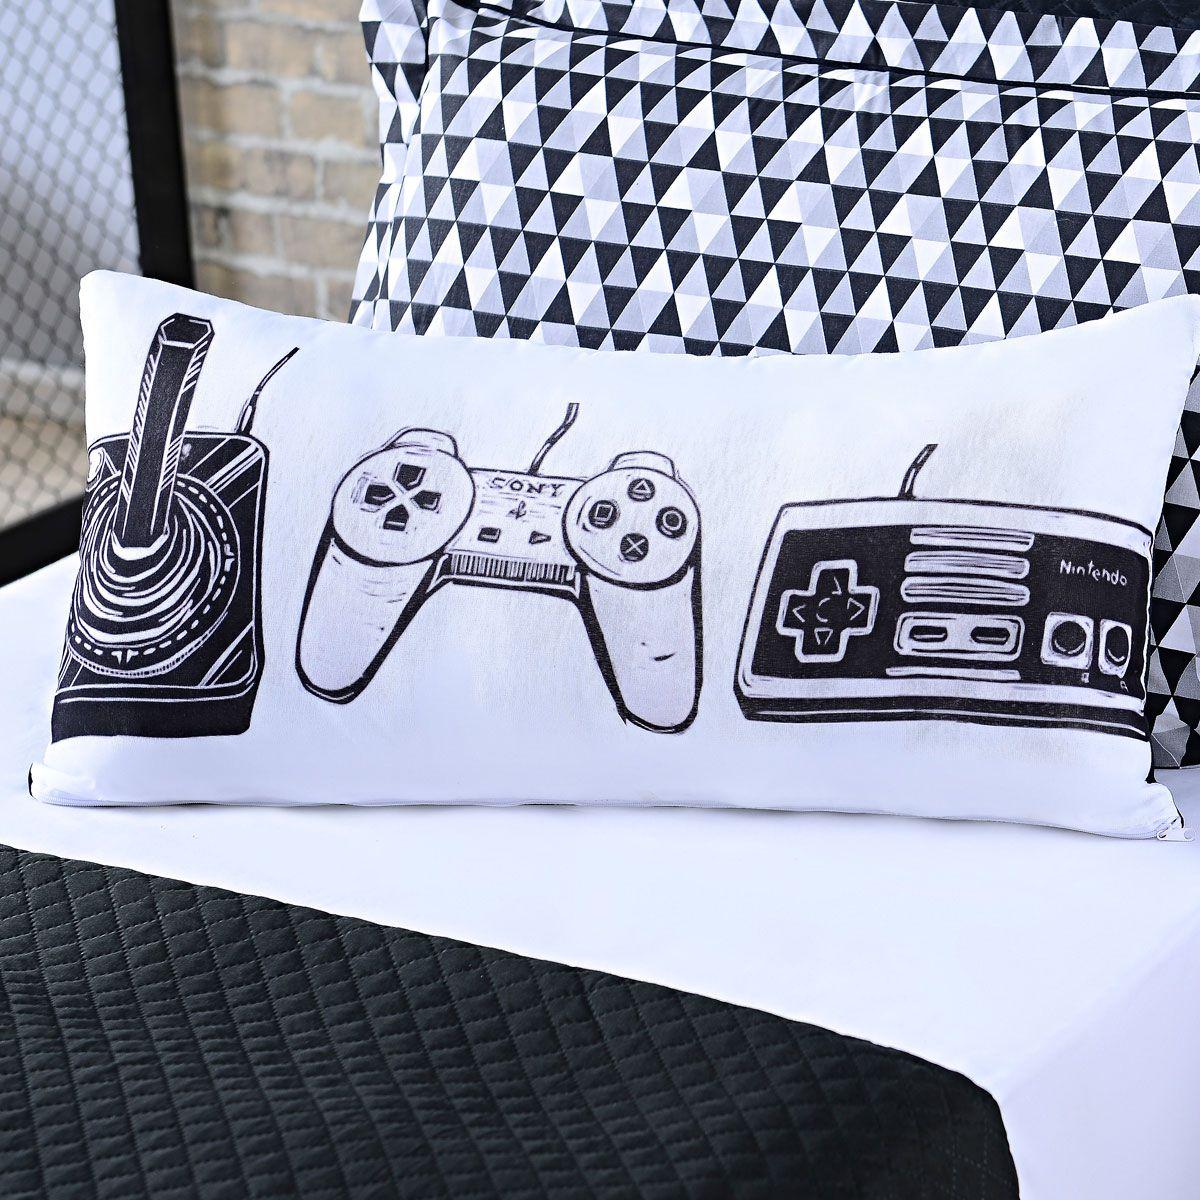 Capa de Almofada Avulsa Game Retrô Branco/Preto 60cm x 30cm